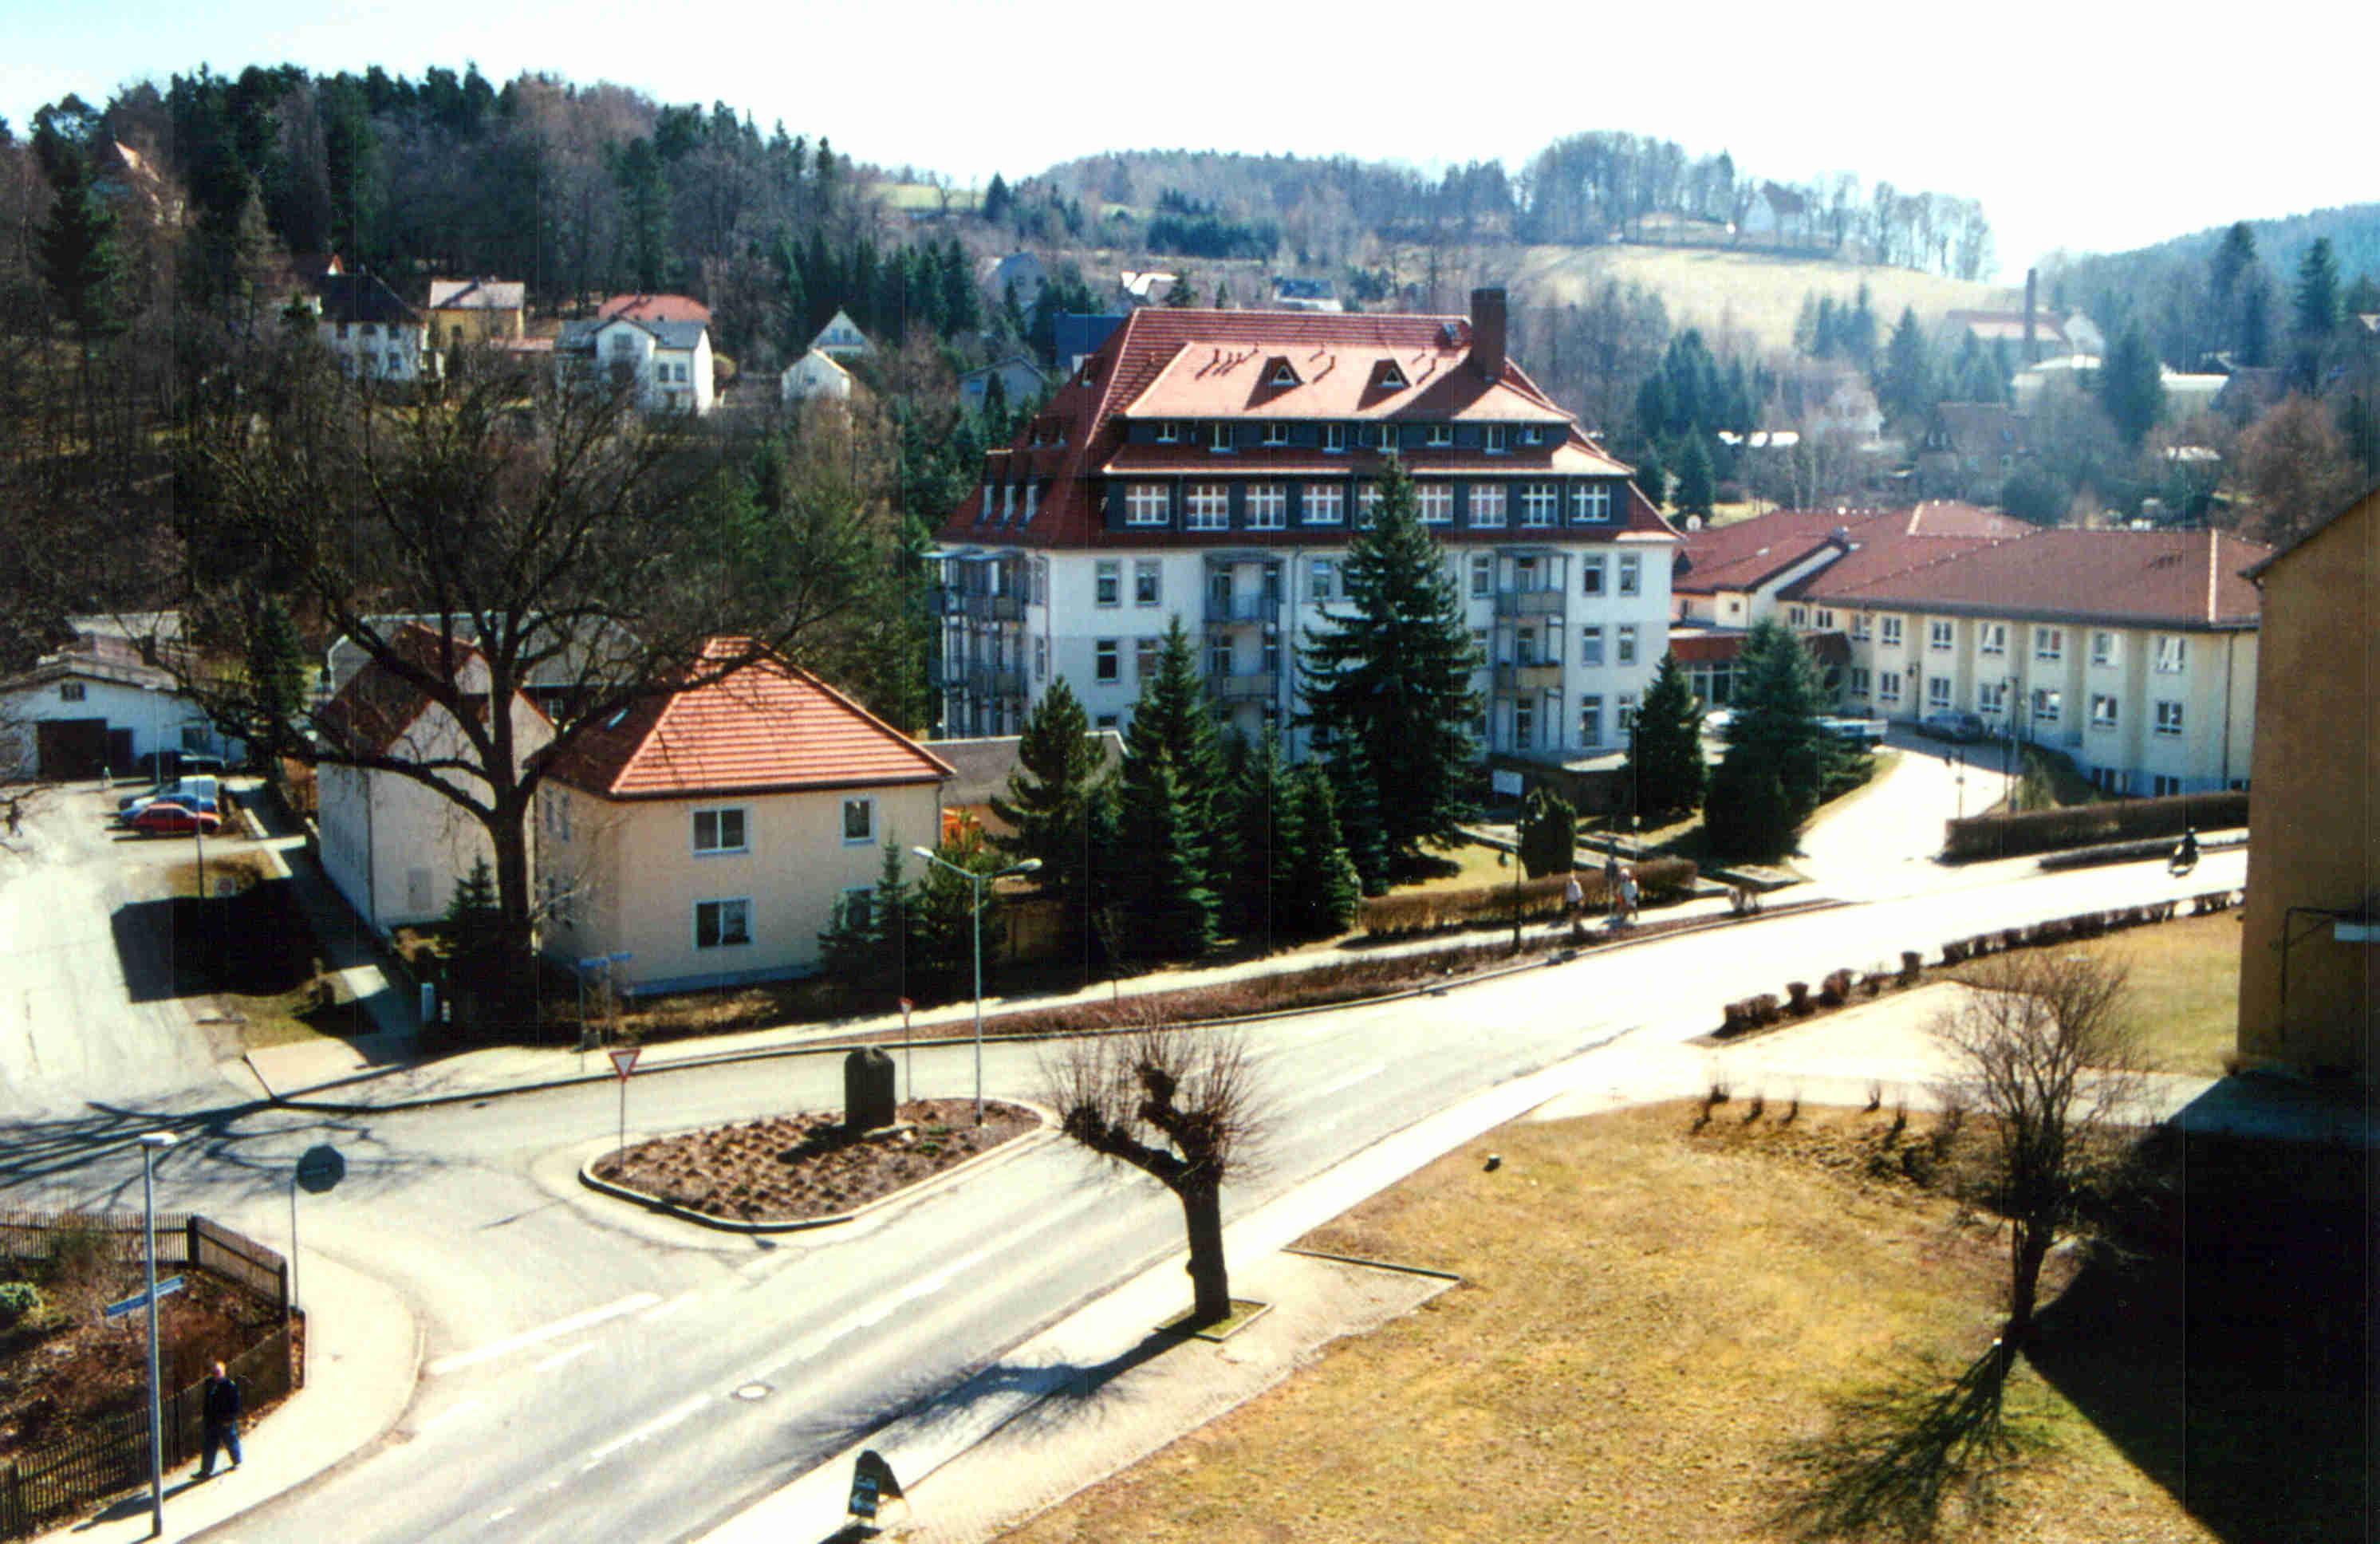 Altenpflegeheim Bad Gottleuba